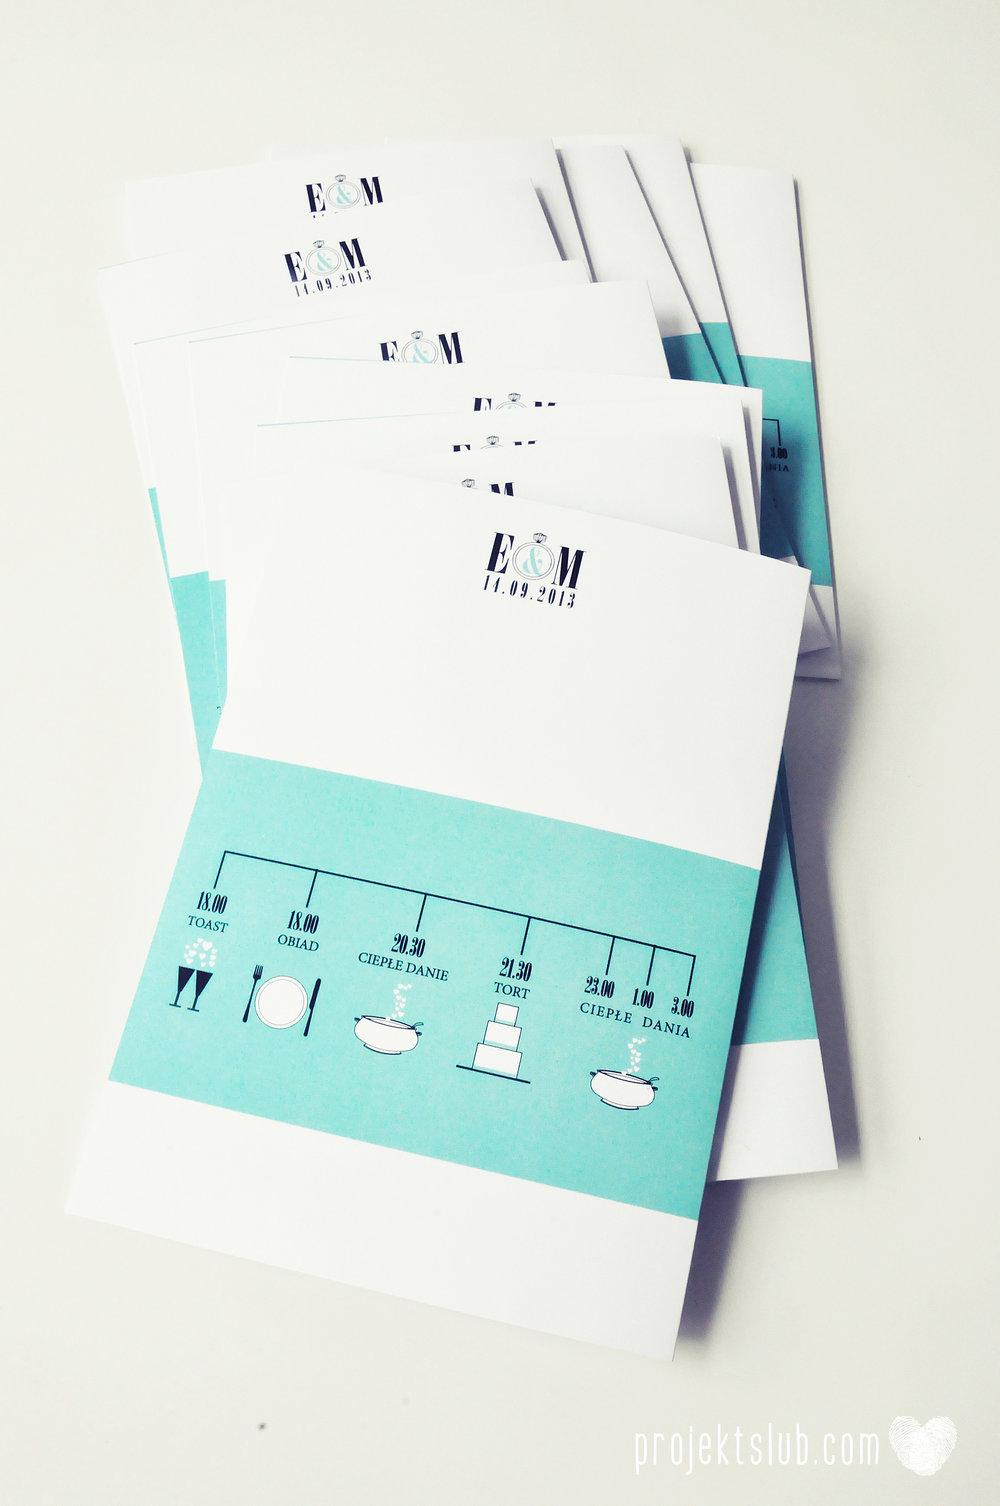 zaproszenia ślubne fashionelki wieża eiffel paryż piktogramy elegancki minimalizm błękit kolor tiffany zdjęcie narzeczonych Projekt Ślub (17).JPG